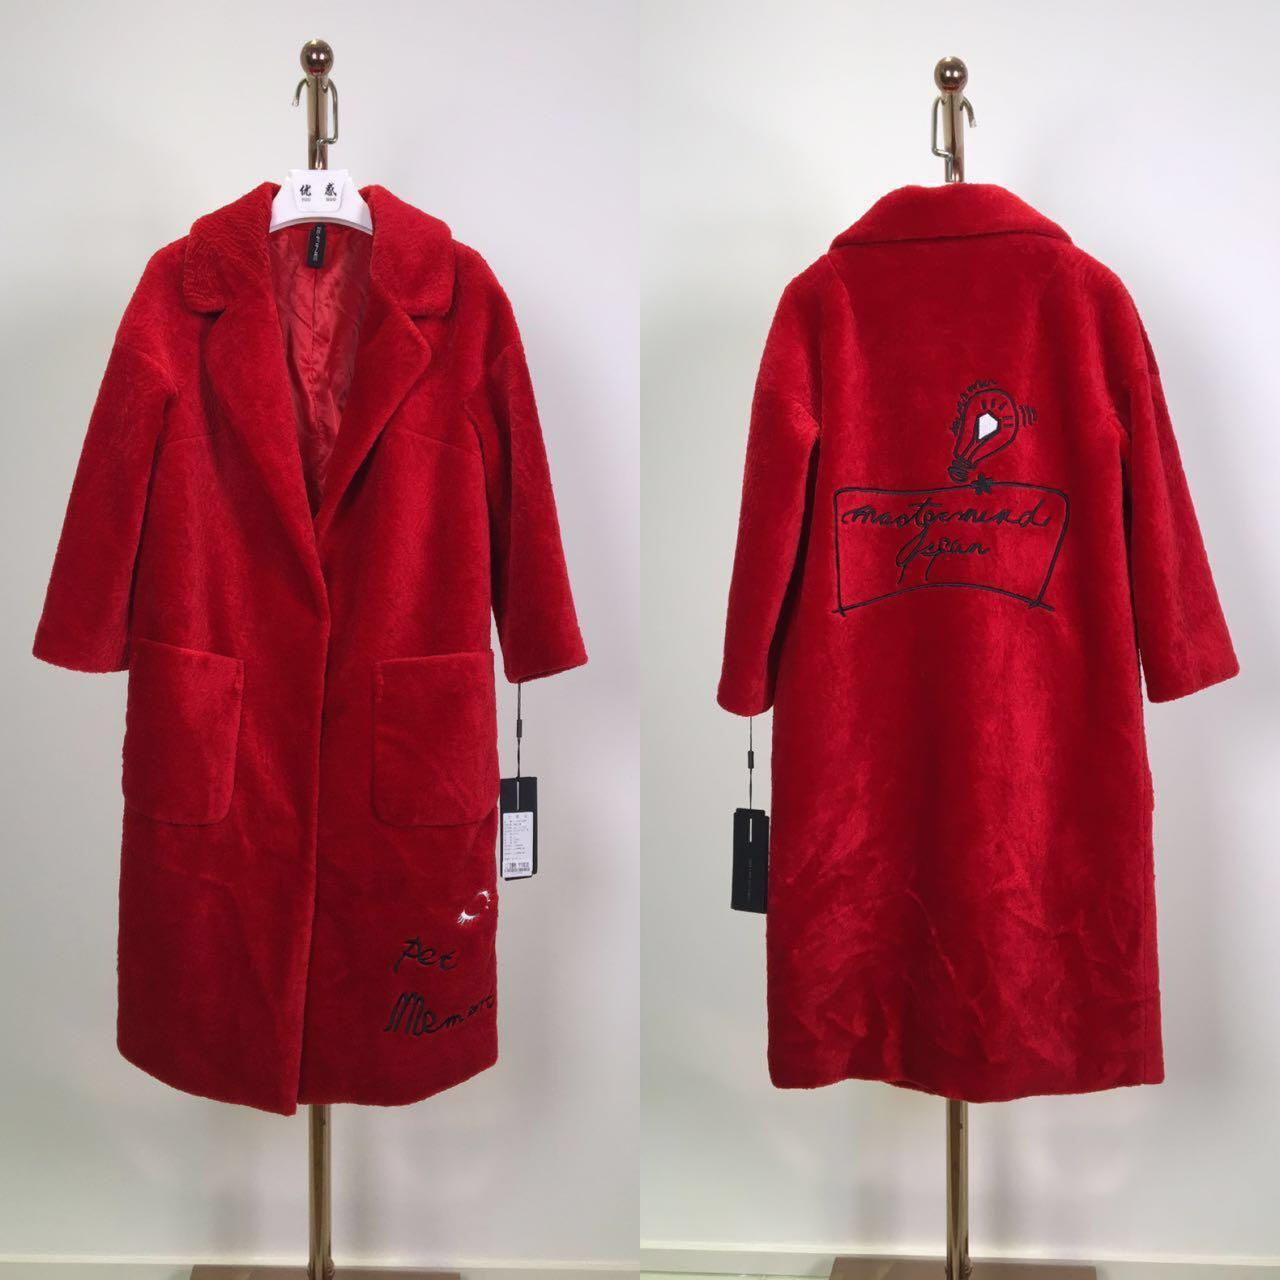 品牌折扣 羊剪绒外套冬装 高端时尚女装批发 库存尾货走份